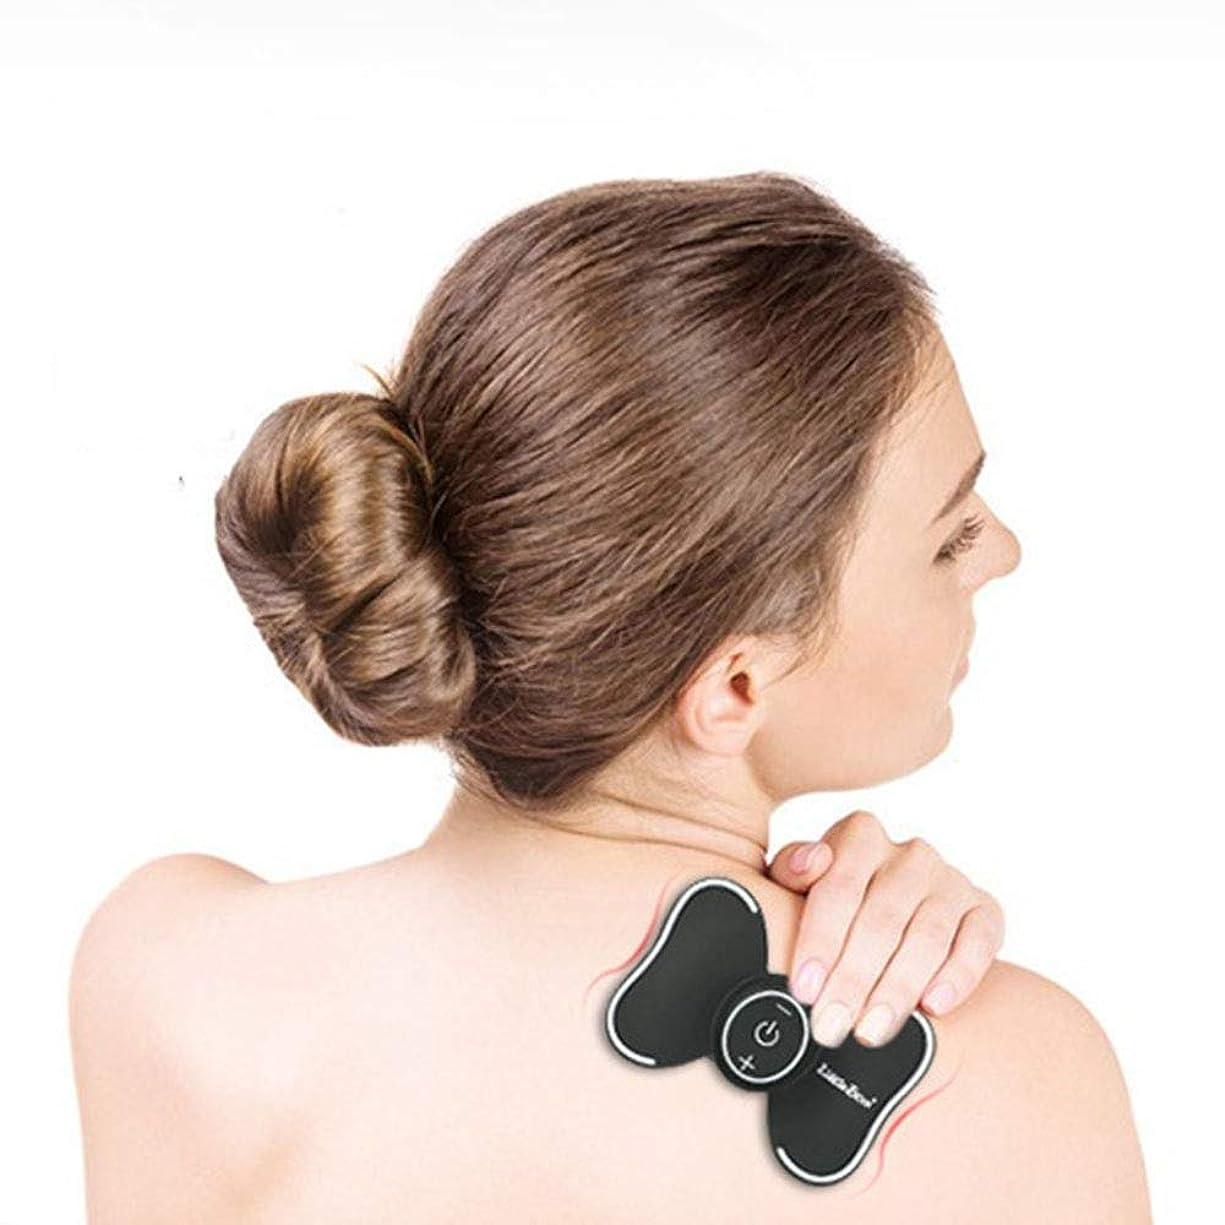 妻労苦あごUSBワイヤレス充電式再利用可能パルスマッサージャースマート子宮頸部マッサージャー (色 : ブラック, サイズ : ワンサイズ)